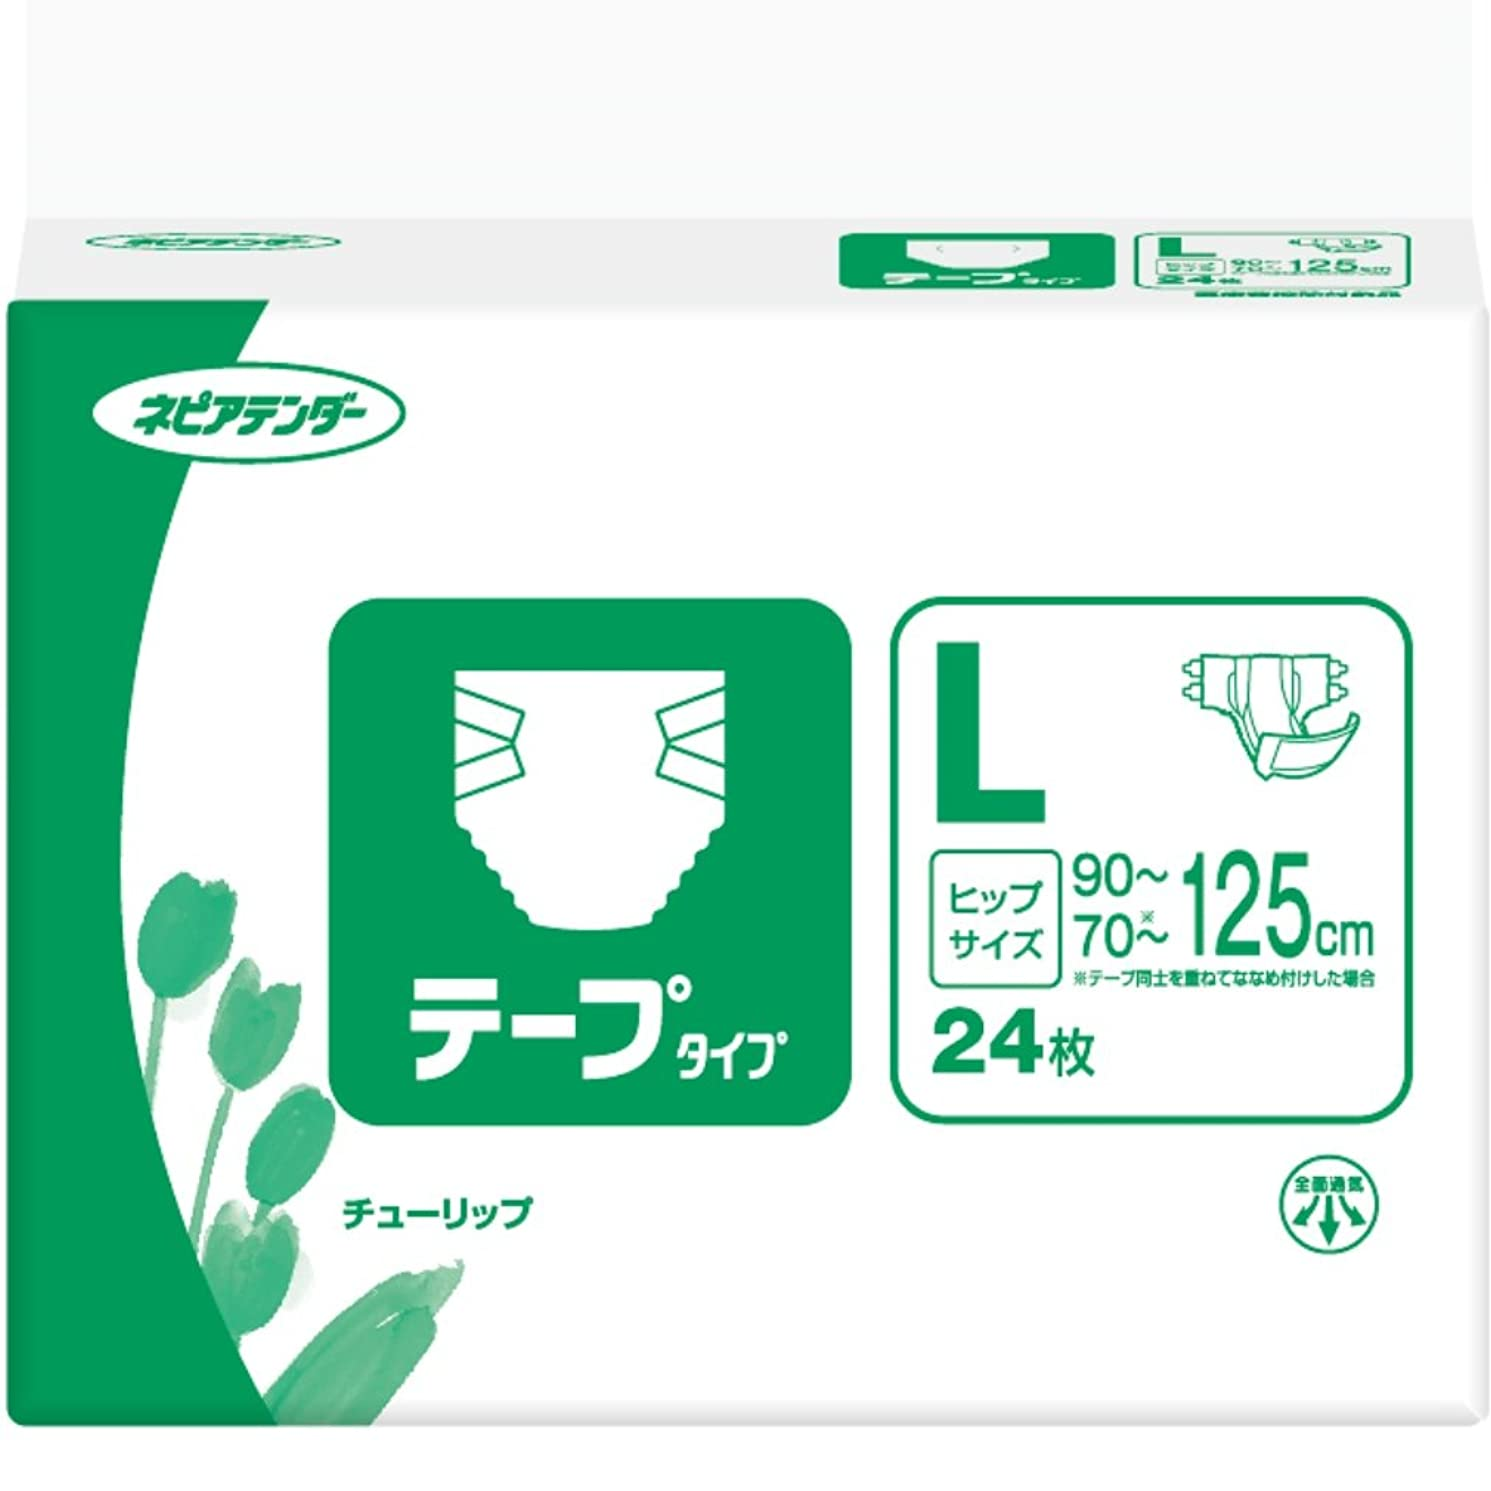 ピアニストファンブル四分円ネピアテンダー テープタイプ Lサイズ 24枚【ADL区分:寝て過ごす事が多い方】